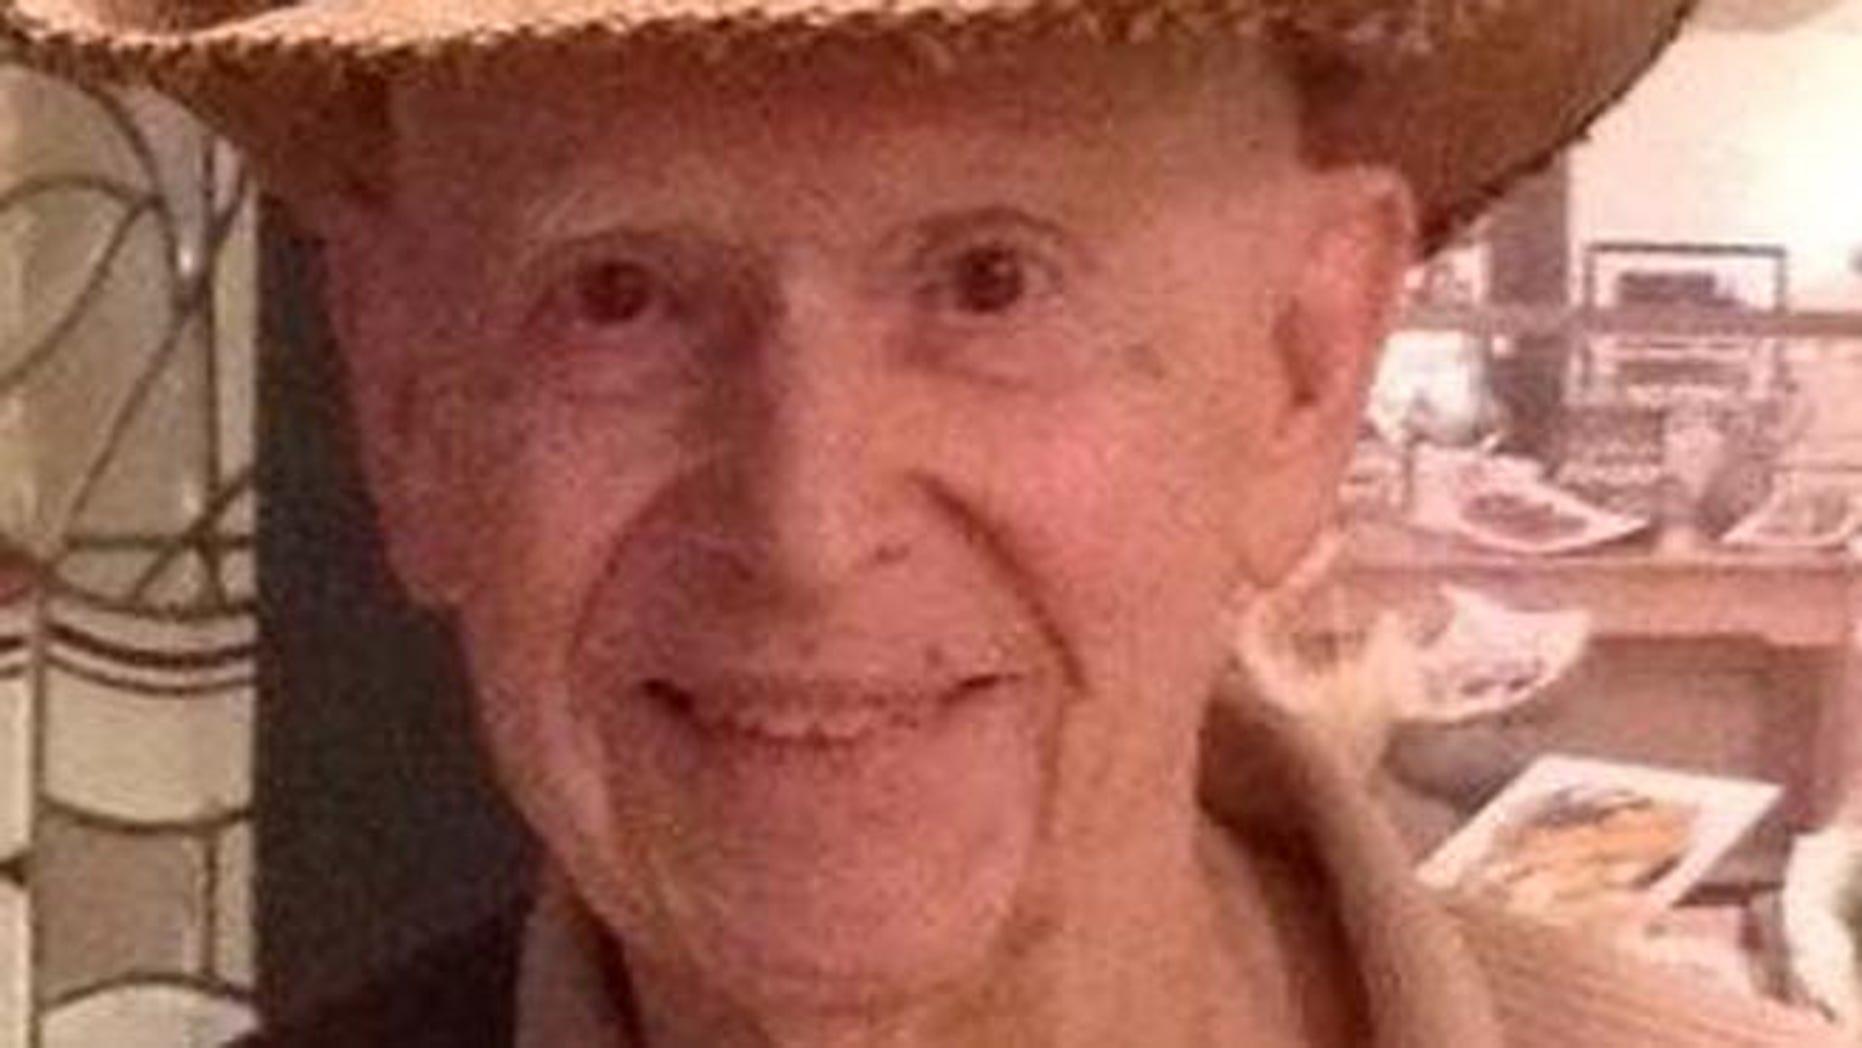 World War II vet Warren McDonough, who died at 91, was Normandy Invasion survivor